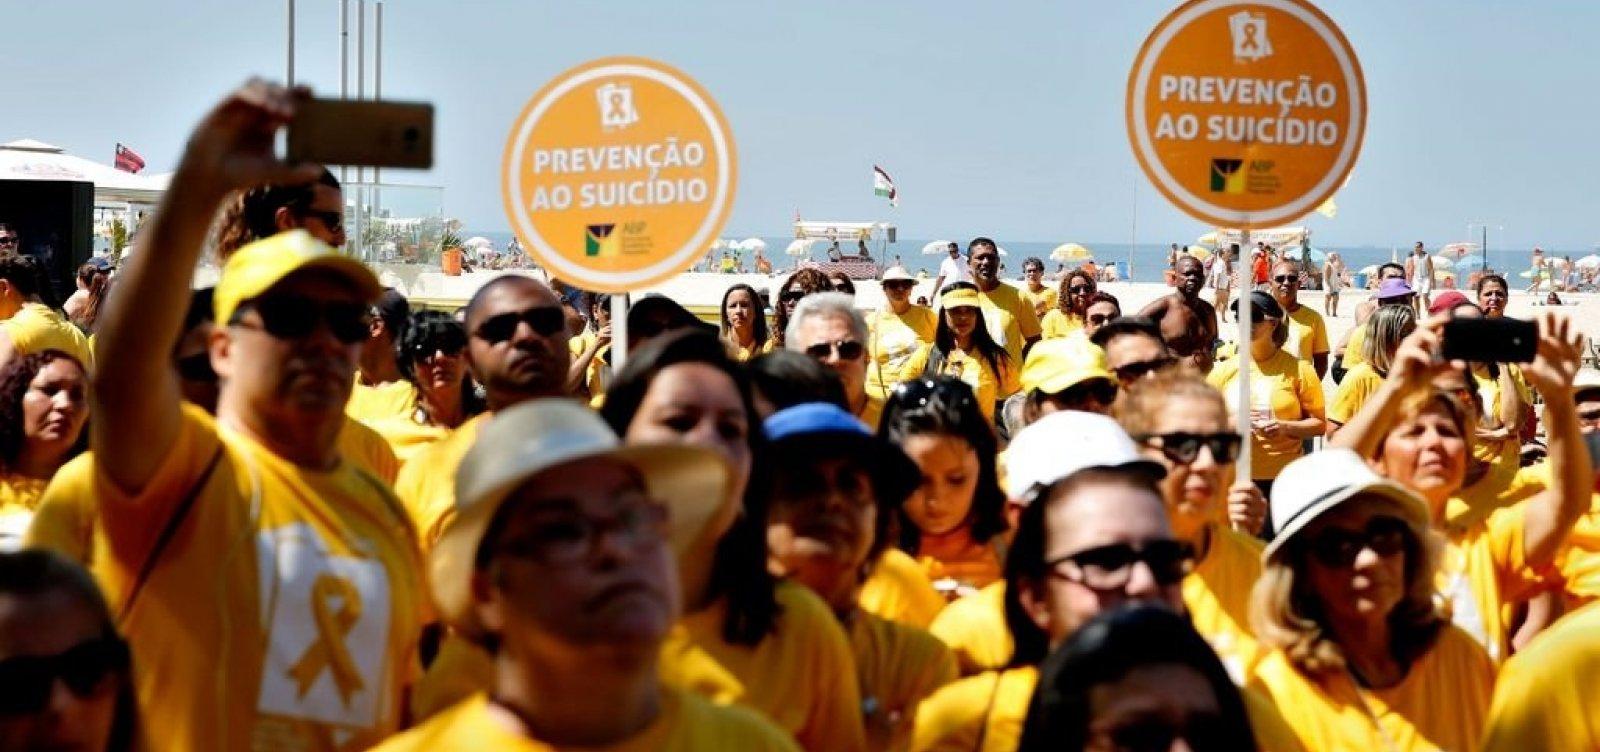 [Brasil tem um caso de suicídio a cada 46 minutos]